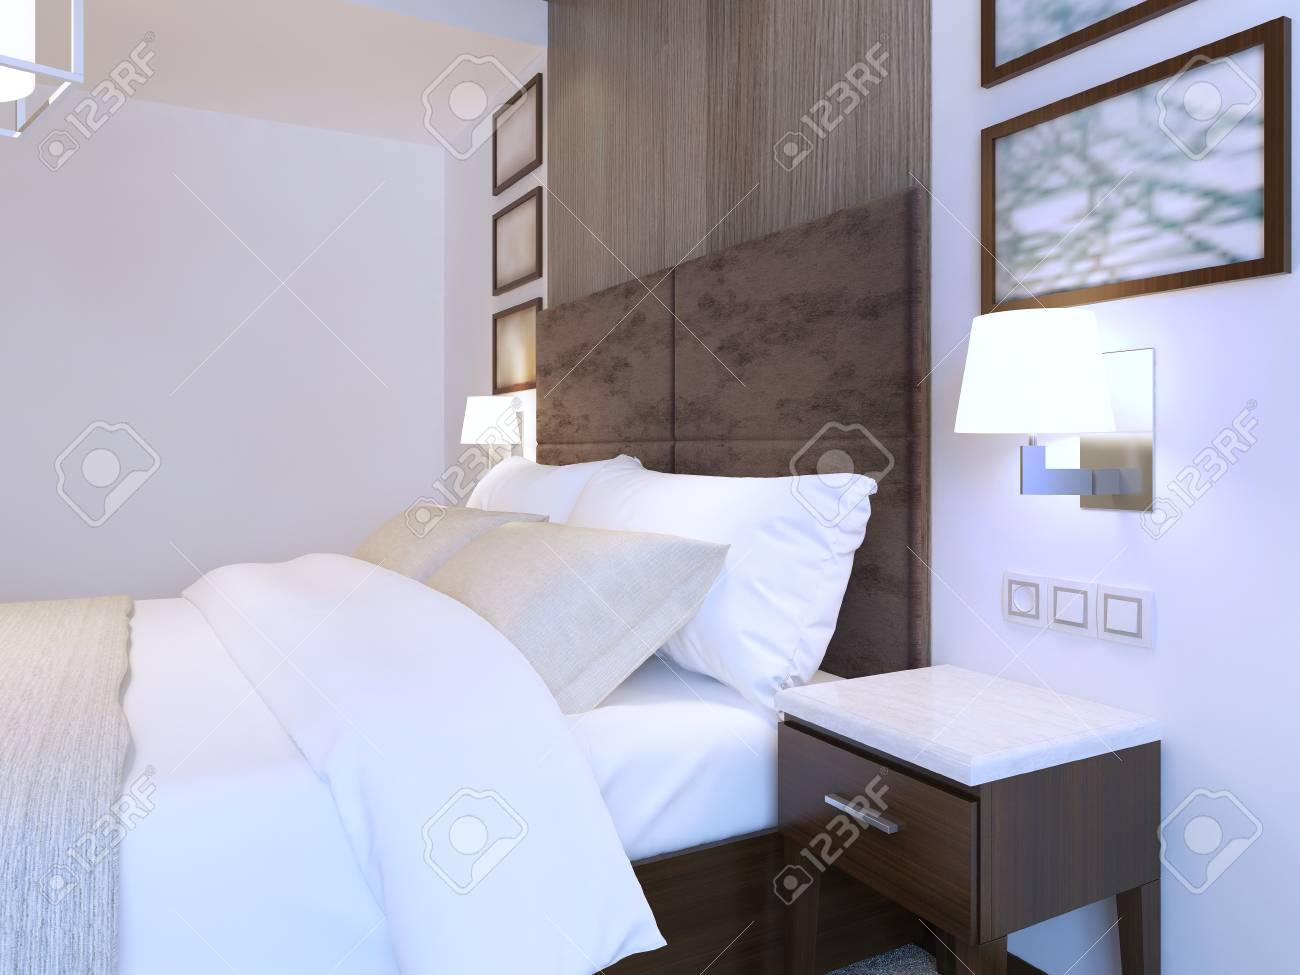 Lit double habillé dans la chambre à coucher moderne avec le thème blanc,  meubles bruns. Rendu 3D